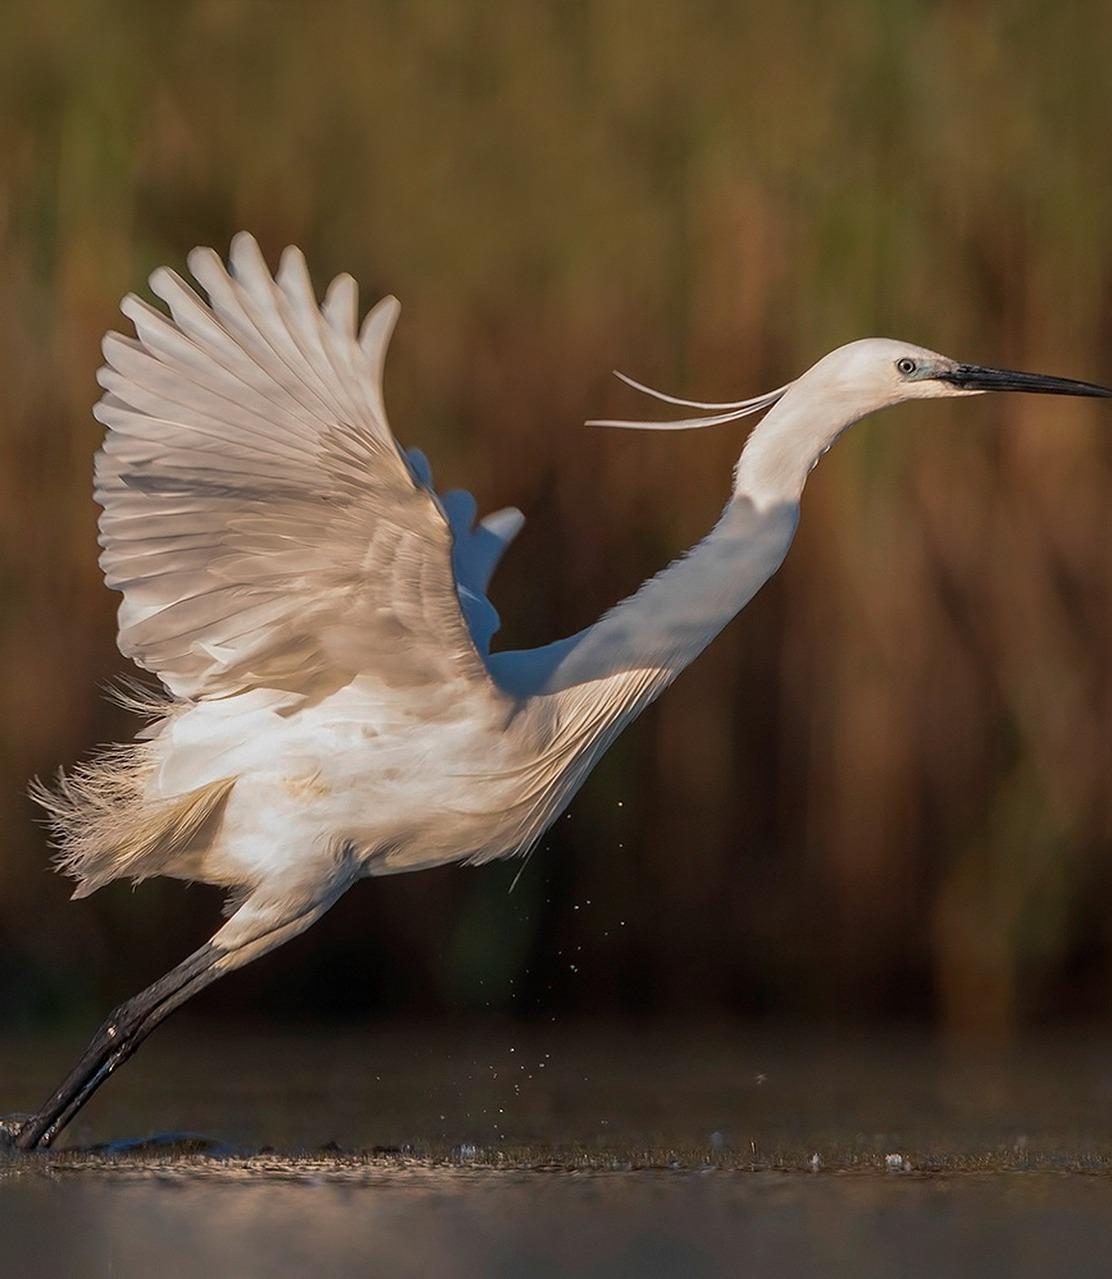 White egret lift off.